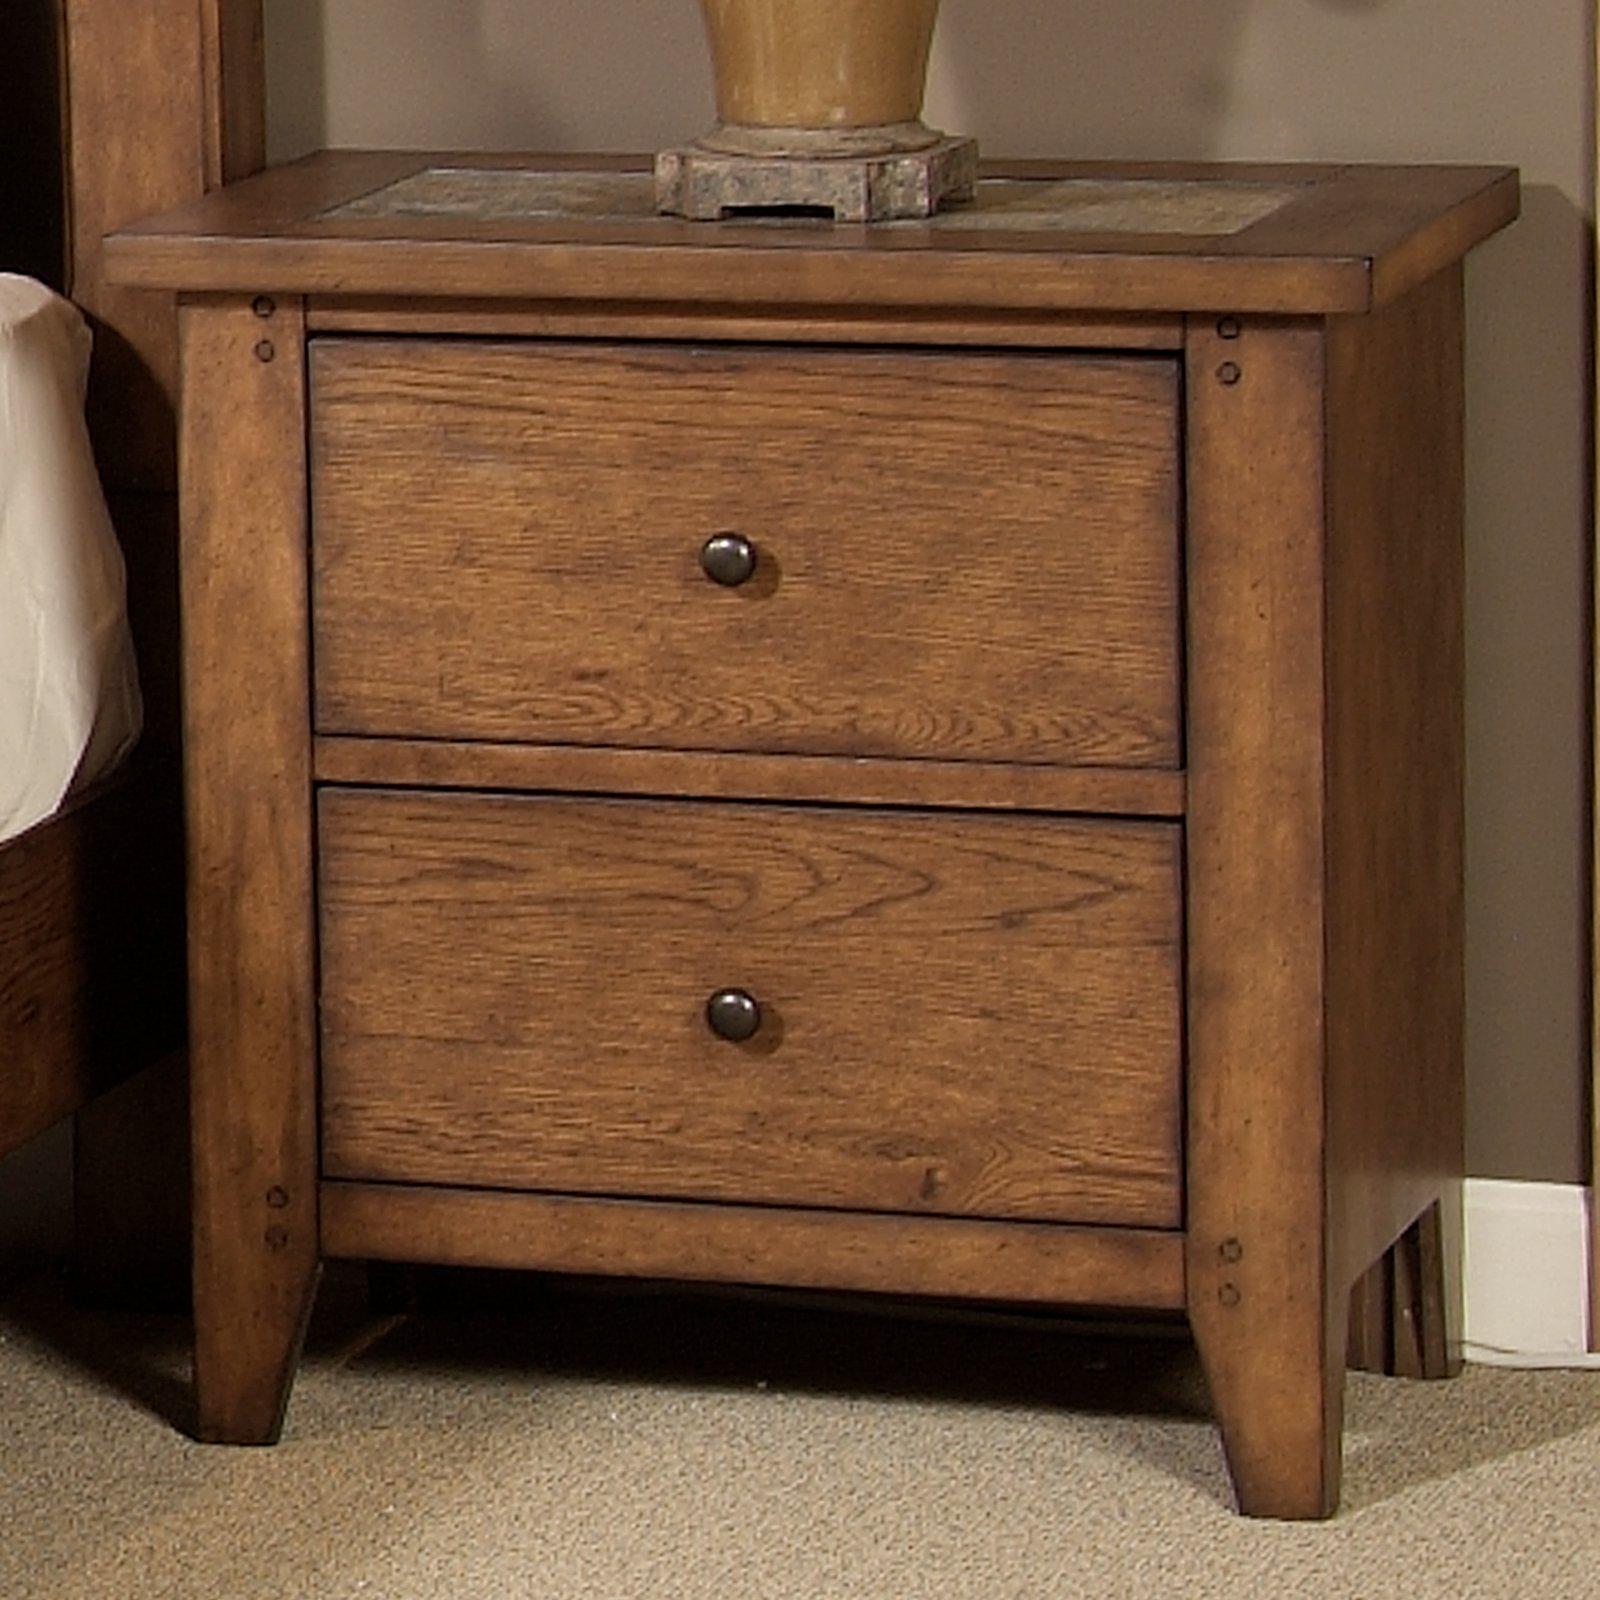 Liberty Furniture Hearthstone Slate 2 Drawer Nightstand Rustic Oak